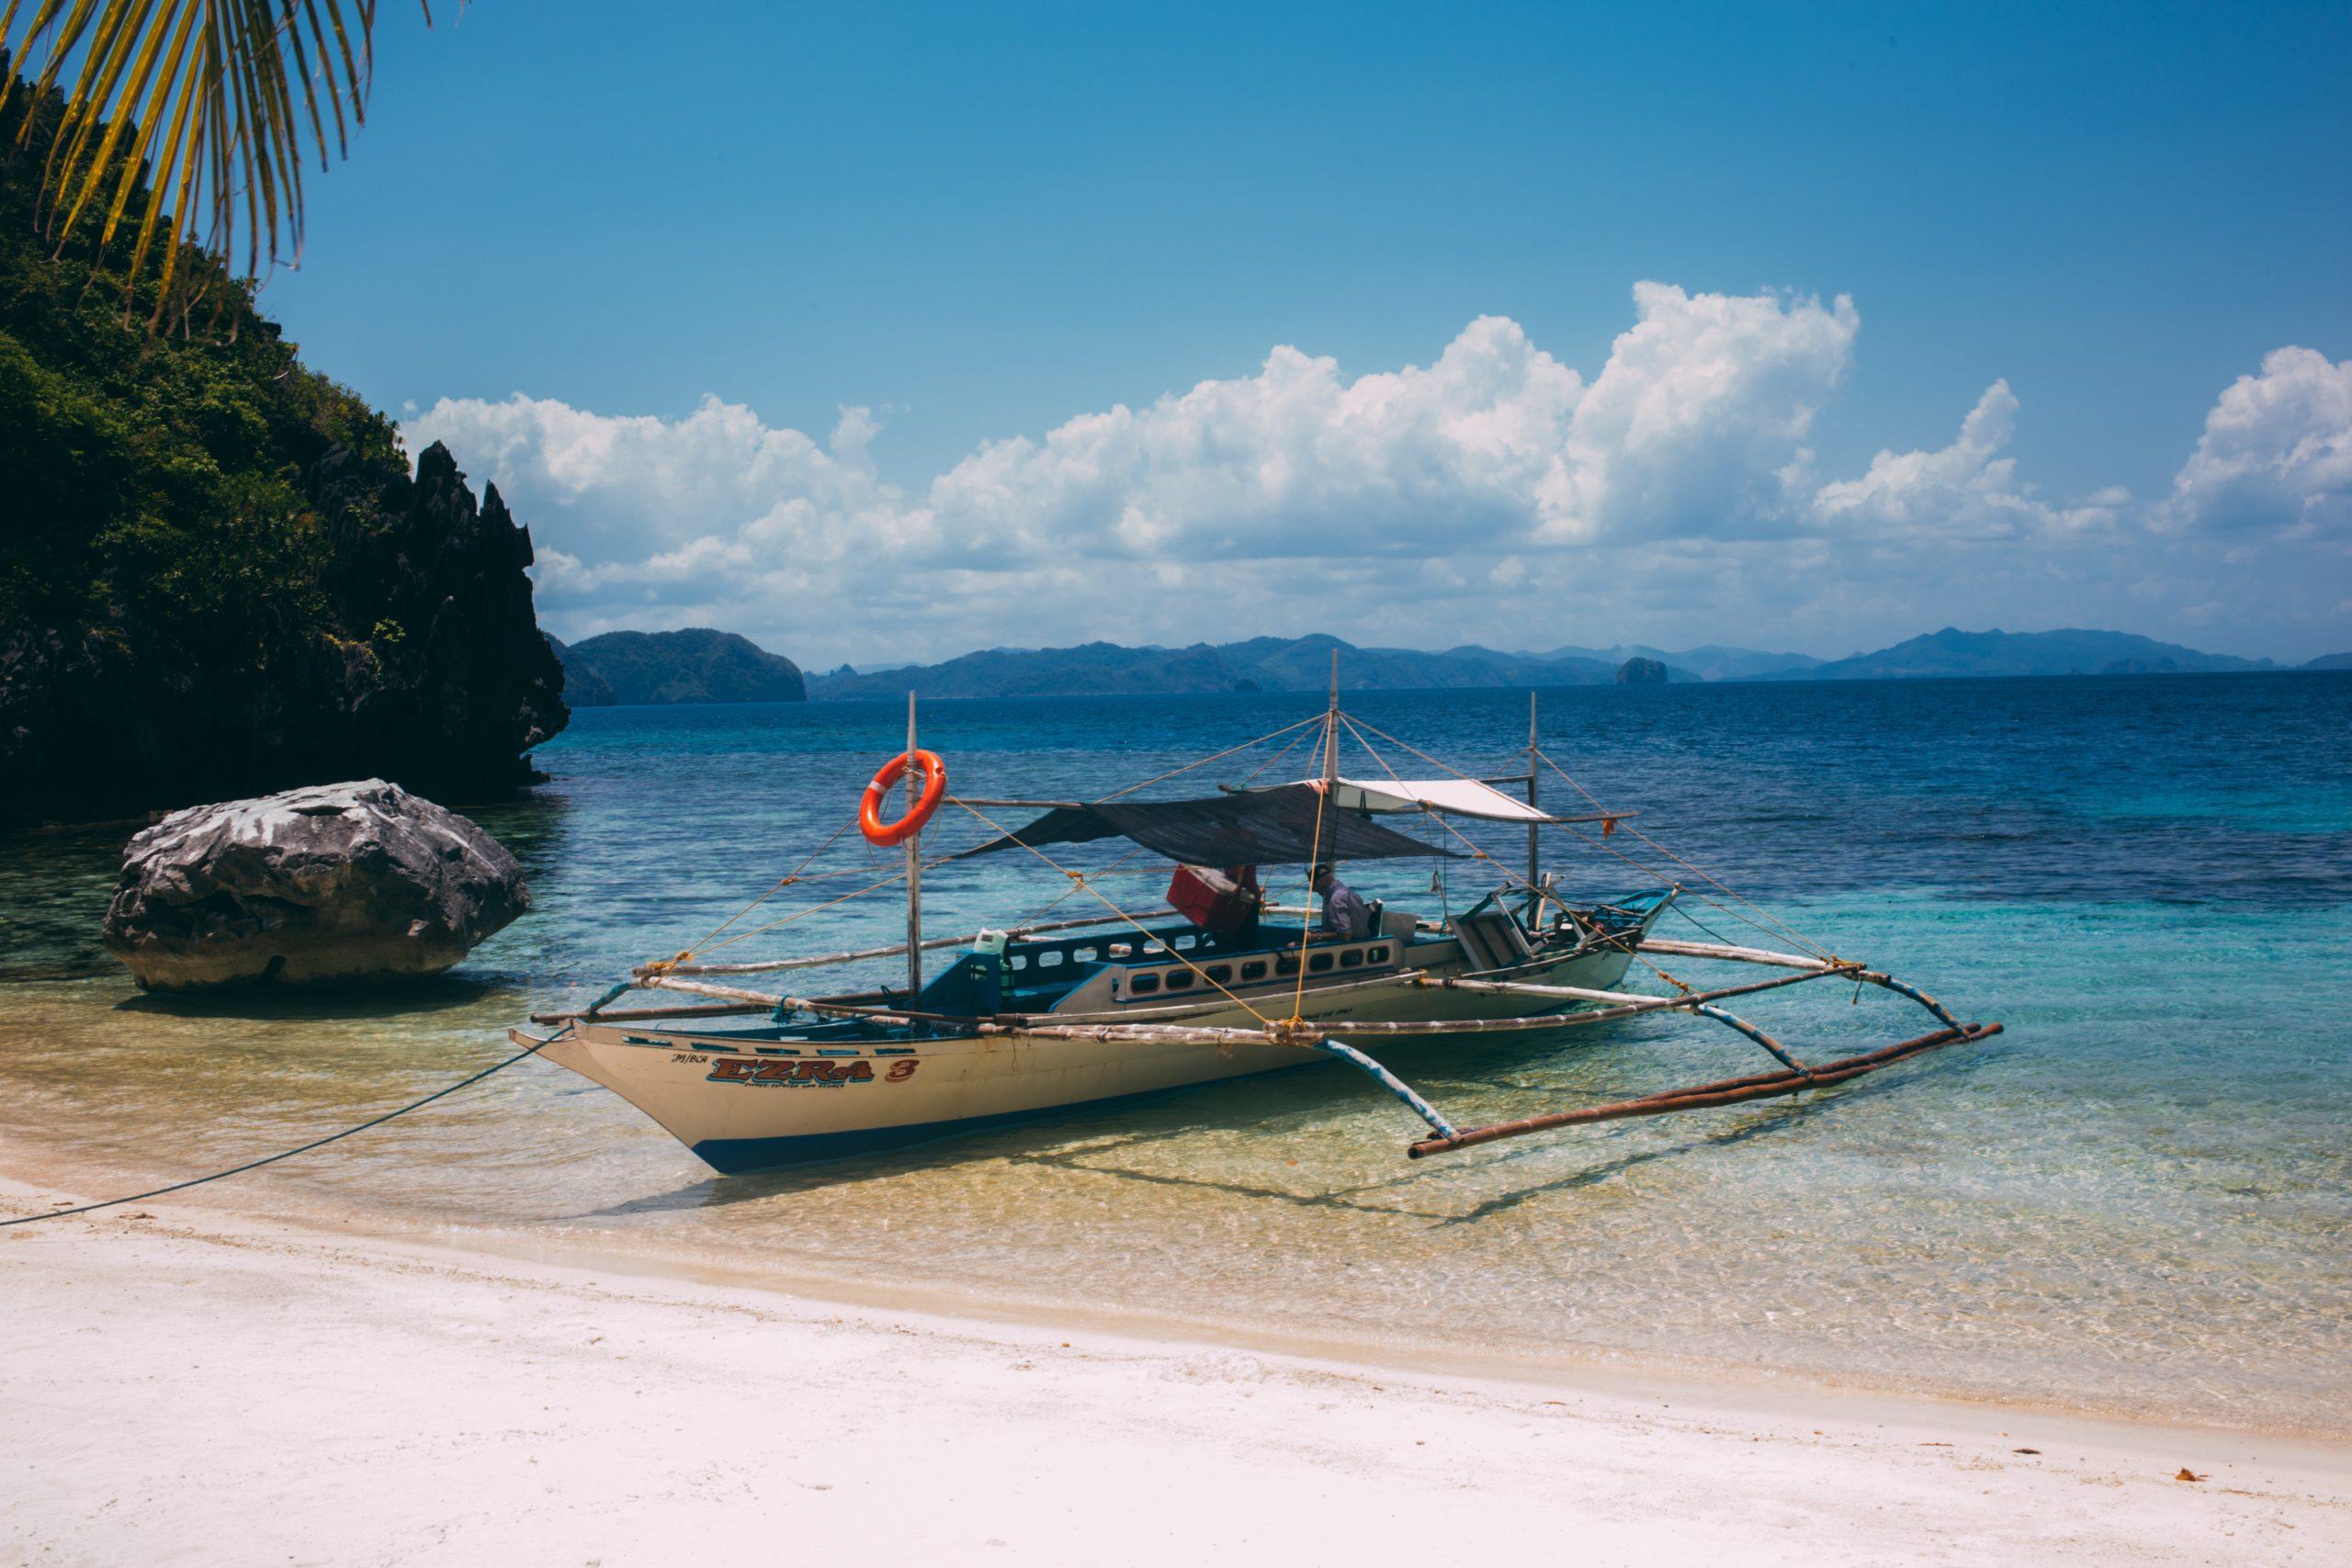 Auslegerboot am Strand von Palawan Philippinen